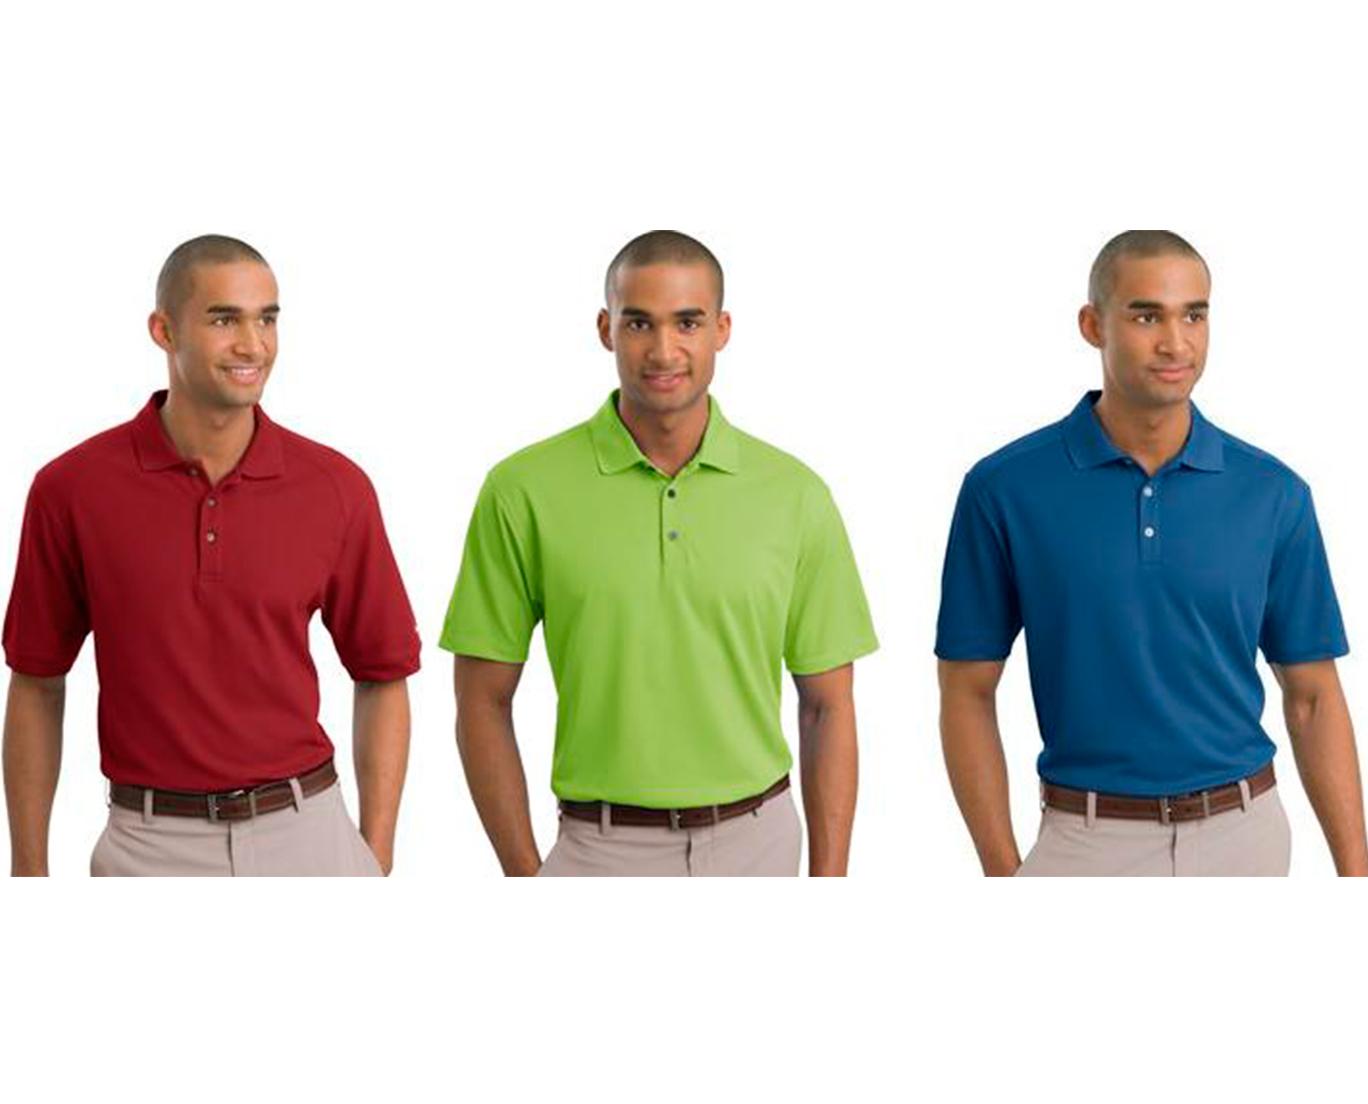 Falis Playeras polo en distintos colores para caballero lisas 04811fce260fa